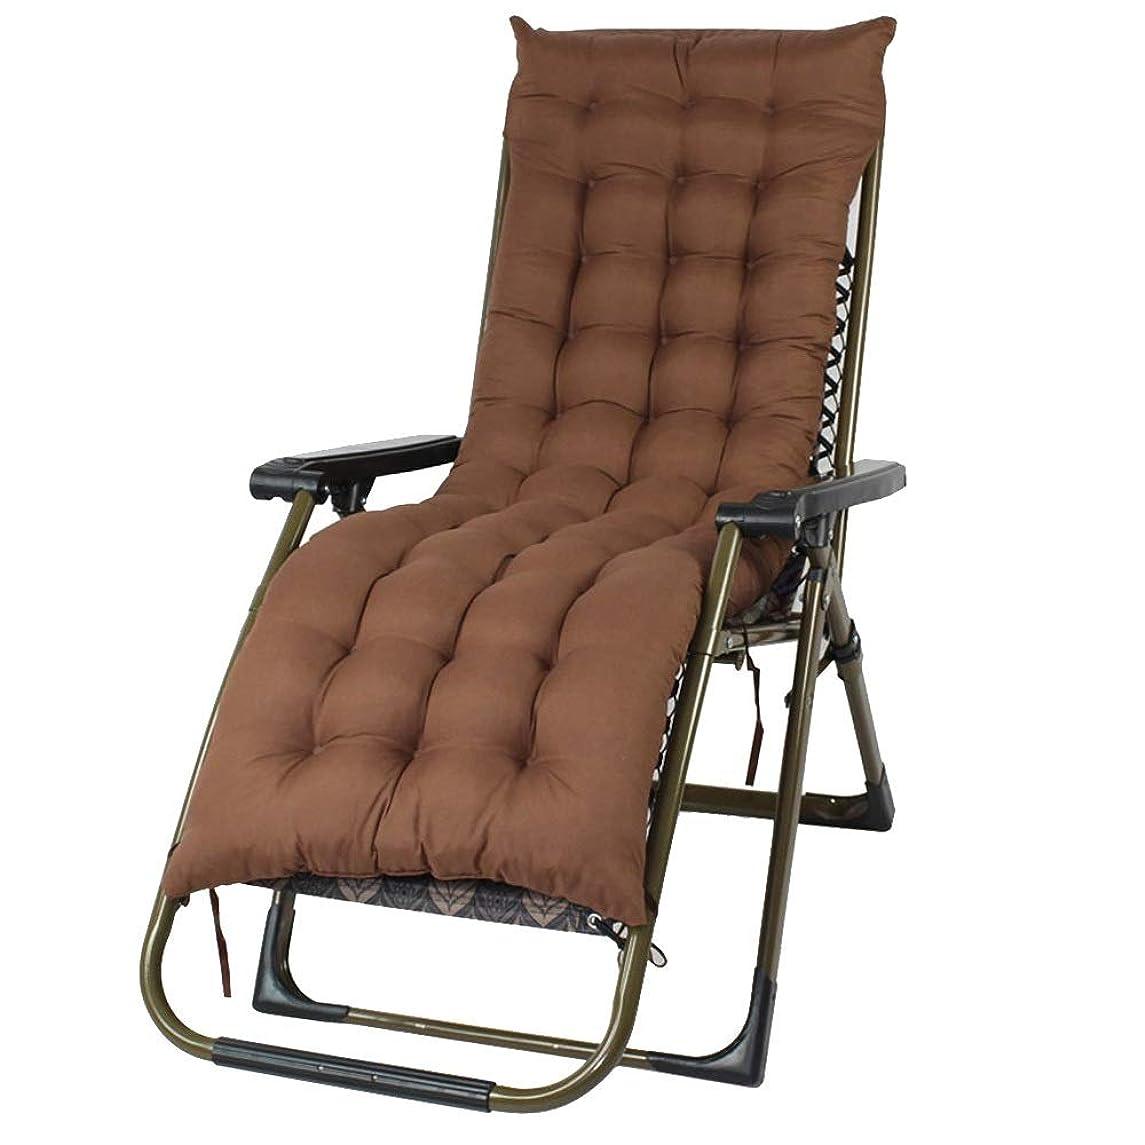 インフルエンザ罰するぶら下がるLVZAIXI リクライニングチェア屋外ガーデン家具、スクエアチューブスチールフレーム、90-160度調整、ブラックアームレスト - 厚いクッション付き (Color : Brown)